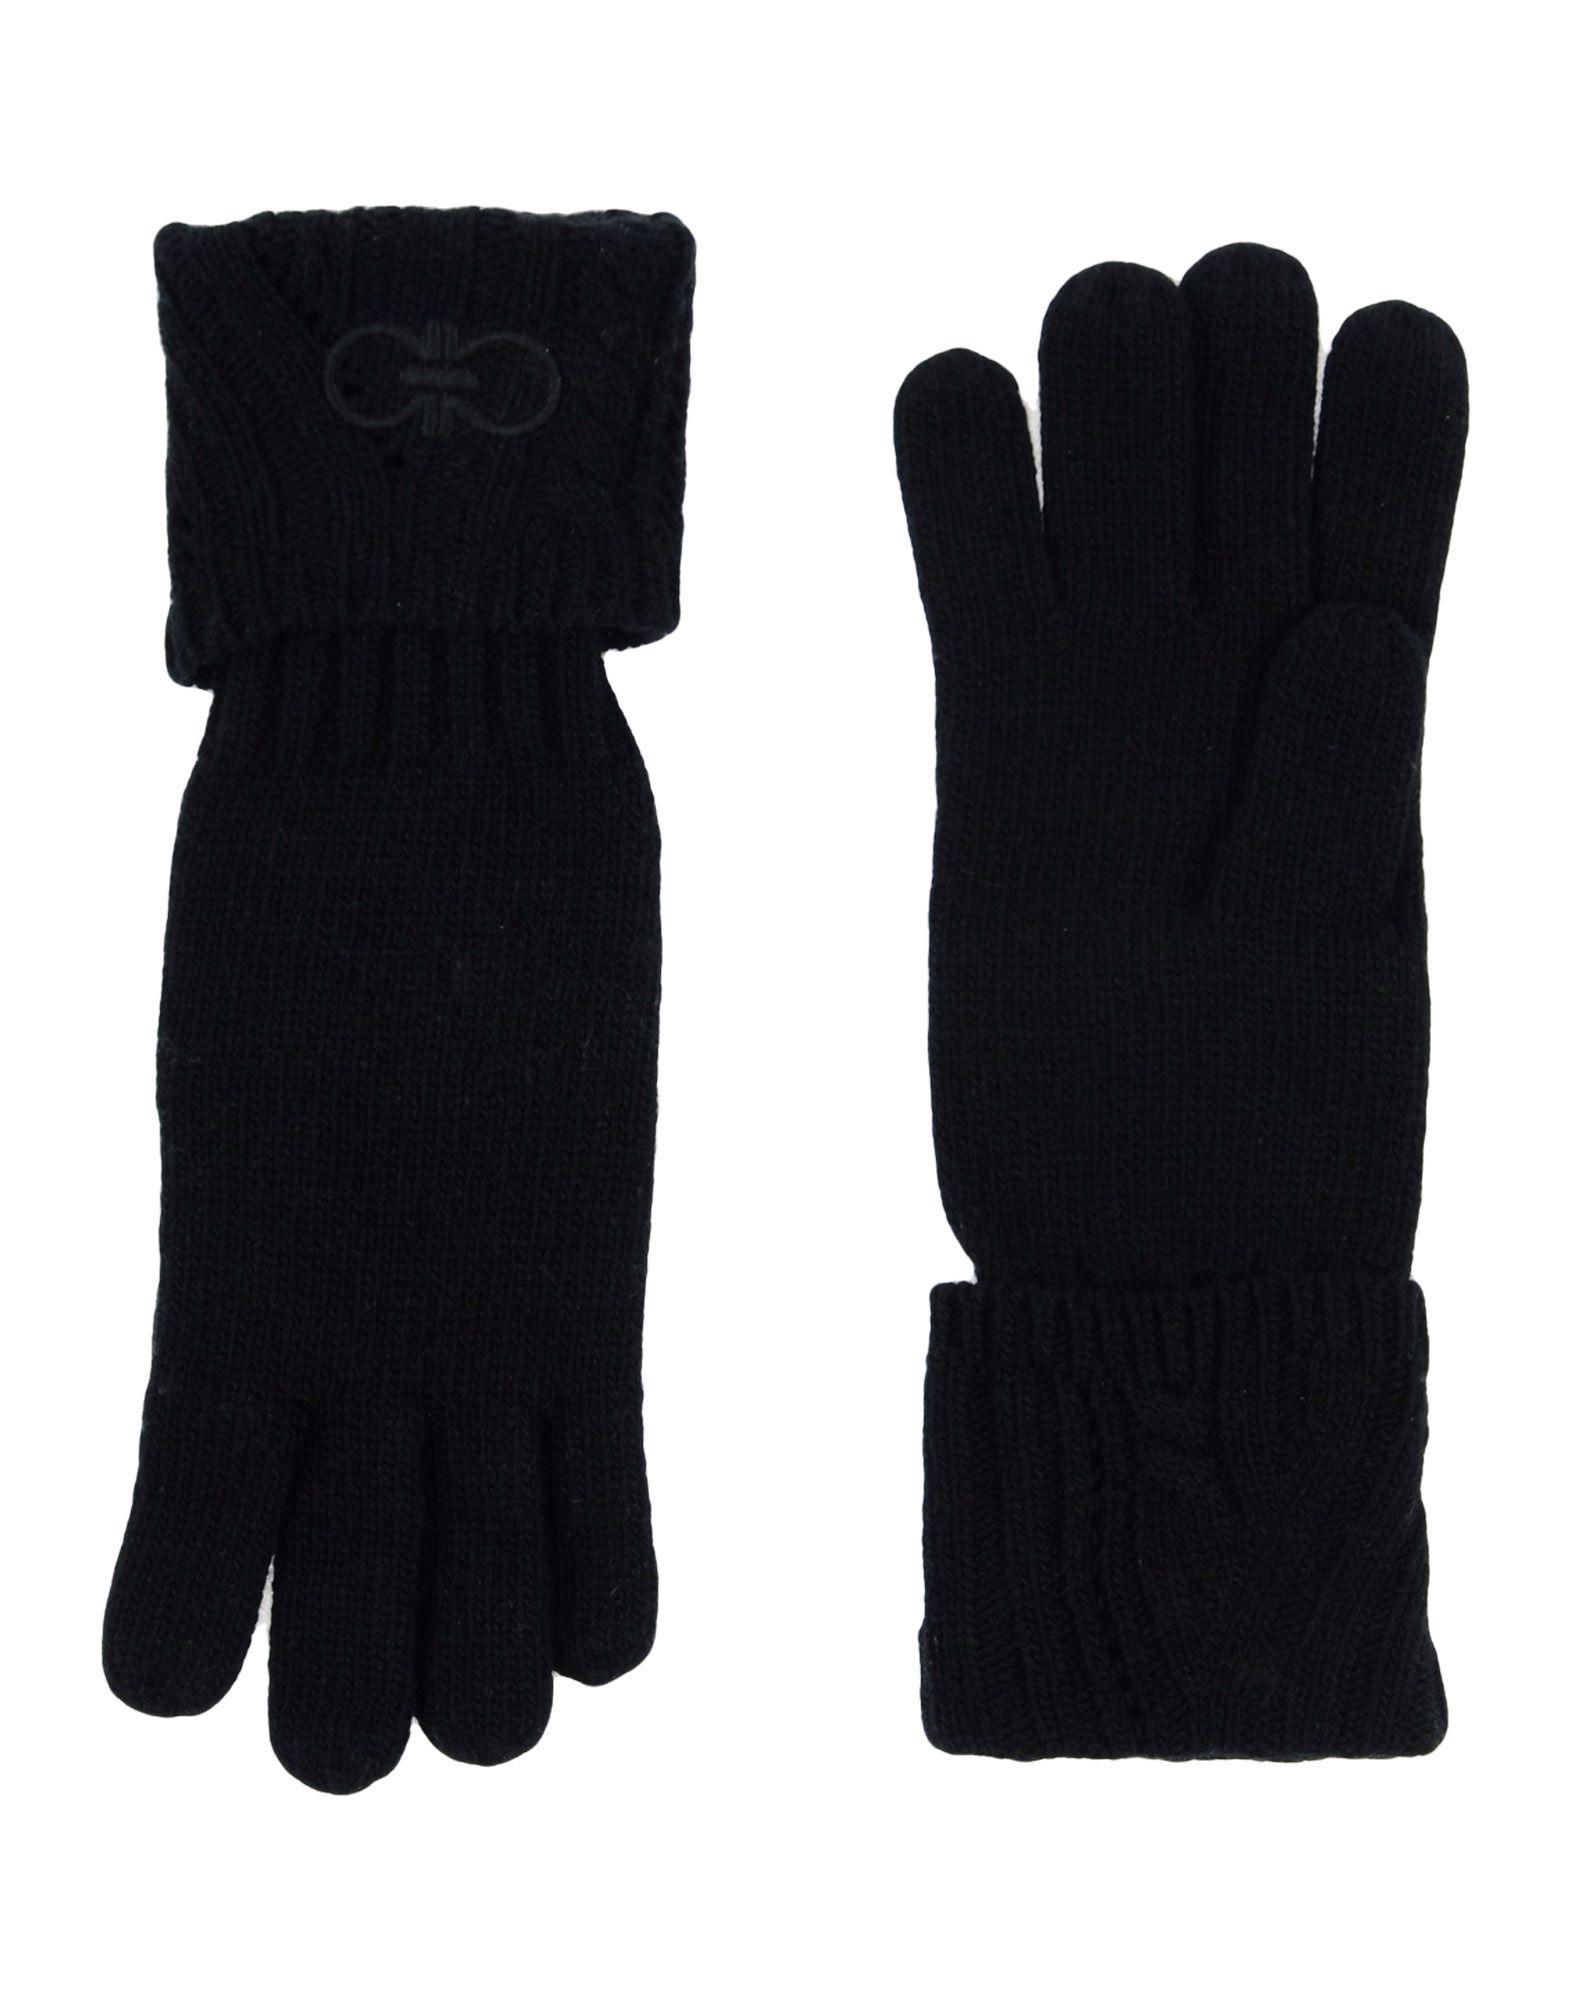 《送料無料》SALVATORE FERRAGAMO レディース 手袋 ブラック one size ウール 70% / カシミヤ 30%